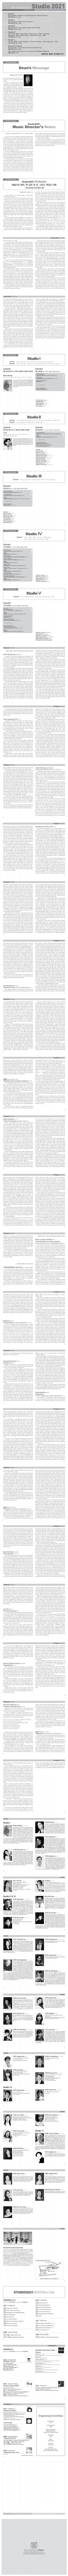 뉴스레터 14호